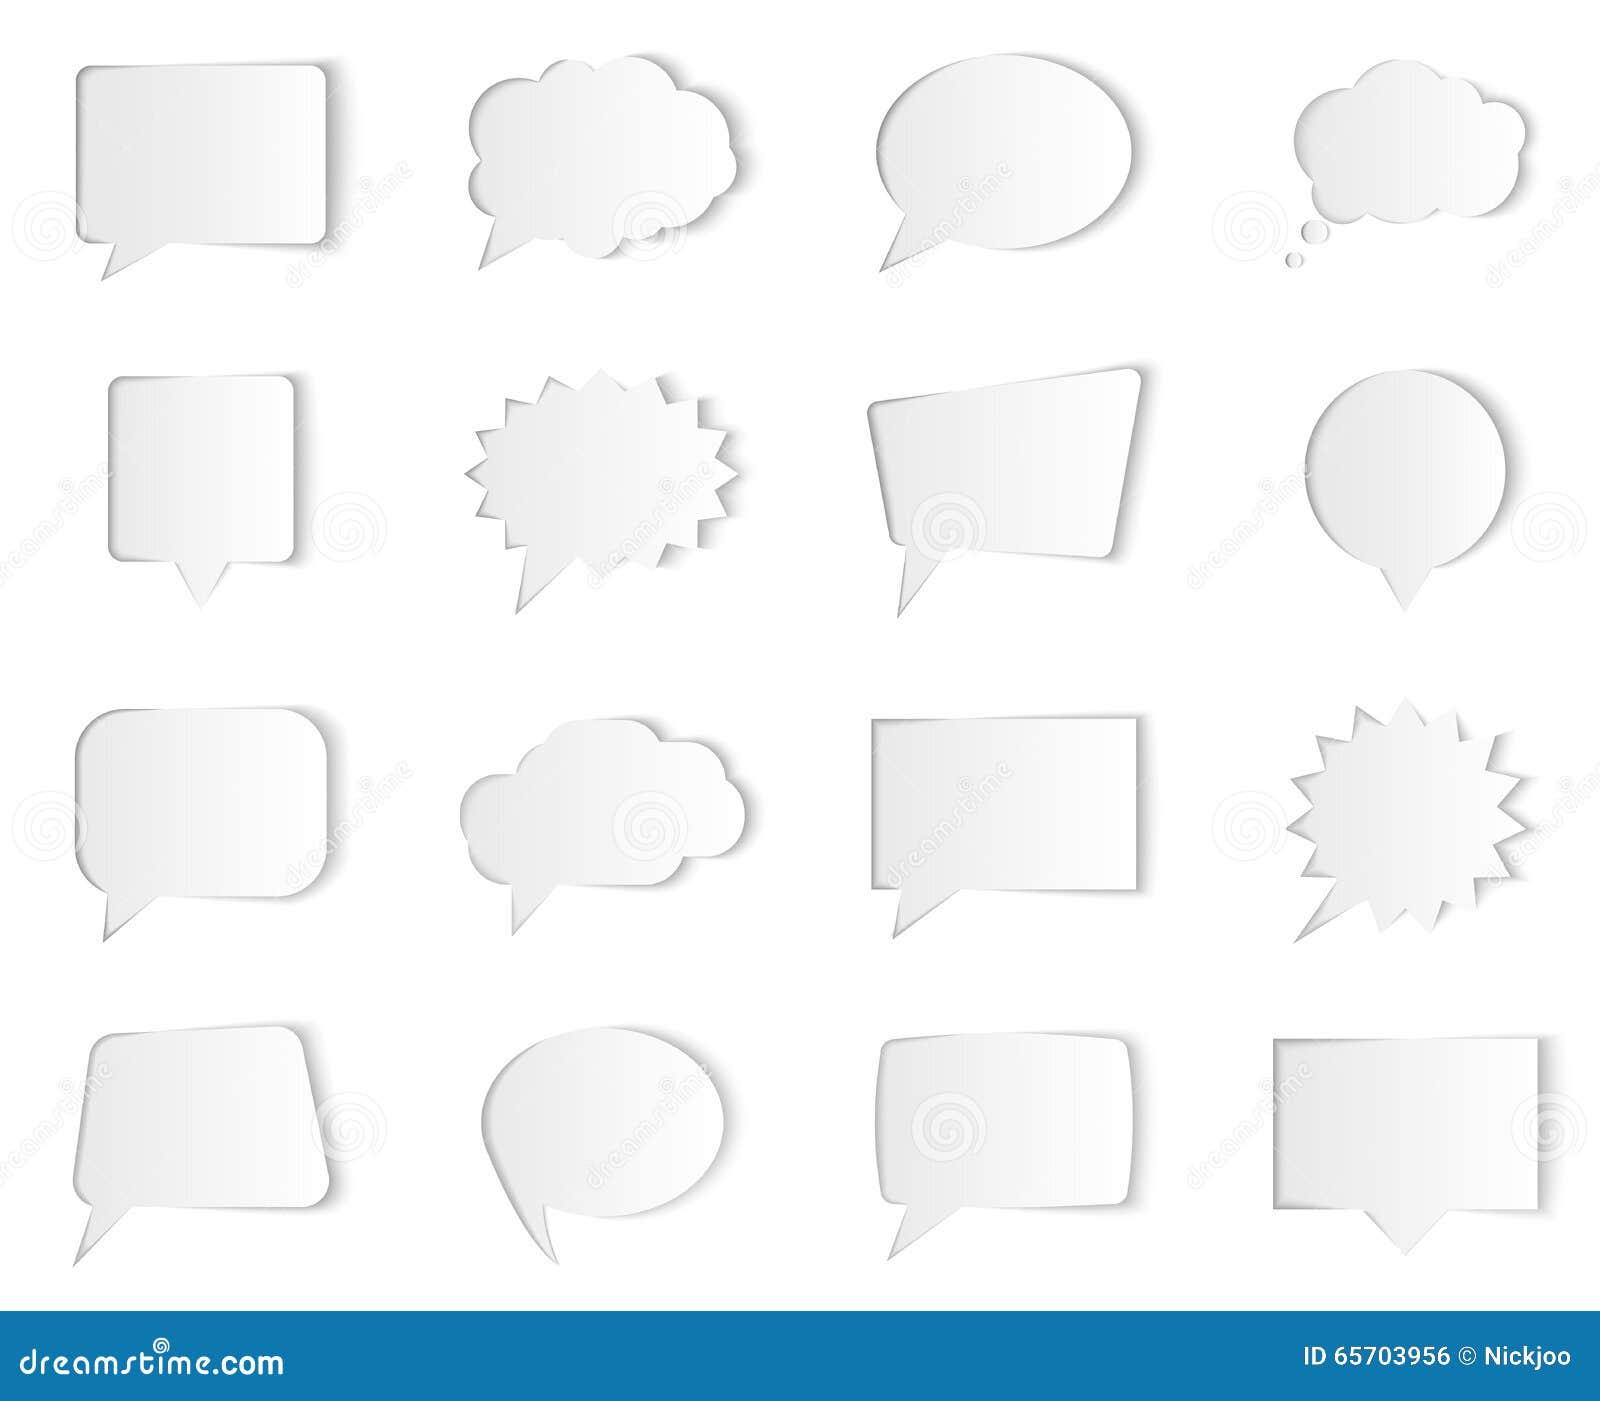 Websites for presentations